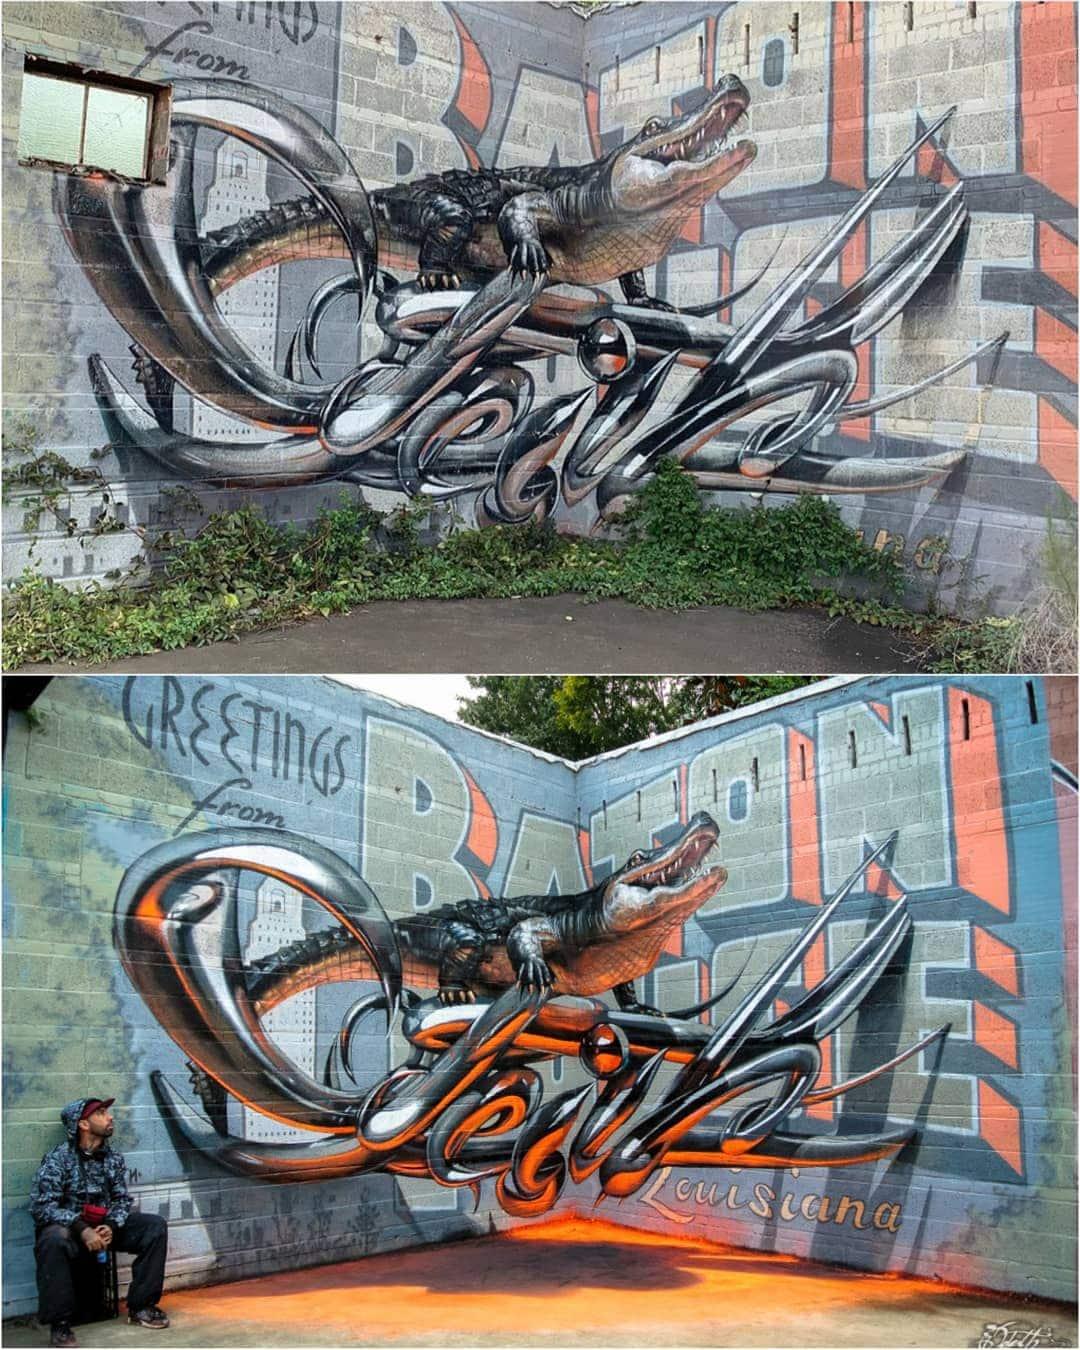 1565697718 685d1fe65cc48ac3625c0c8439b9bc02 - 20 работ художника, который превращает невзрачные стены в невероятно реалистичные 3D-граффити